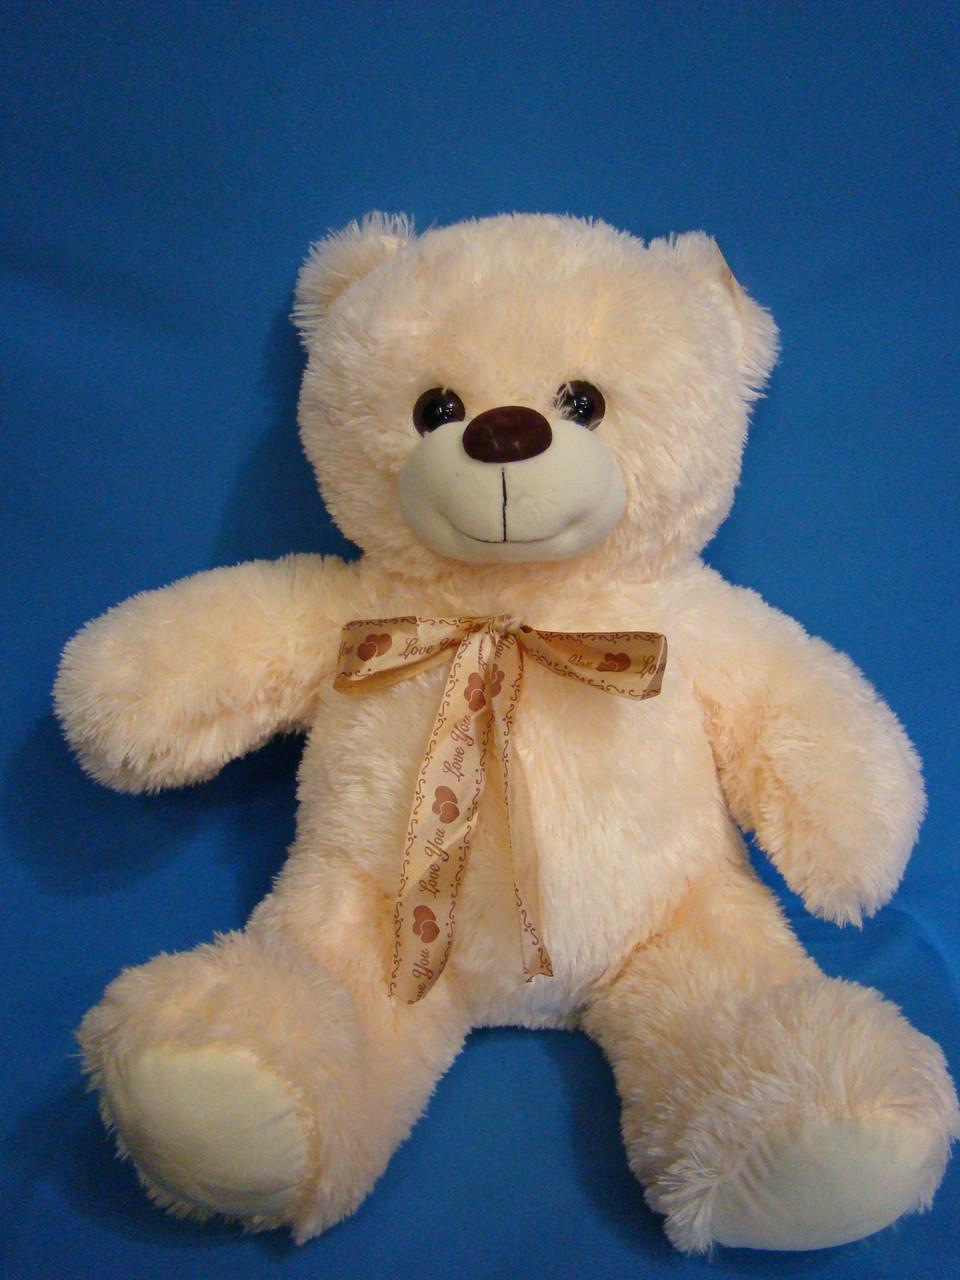 Мягкий плюшевый Мишка 50 см с бантом мягкая игрушка милый медведь